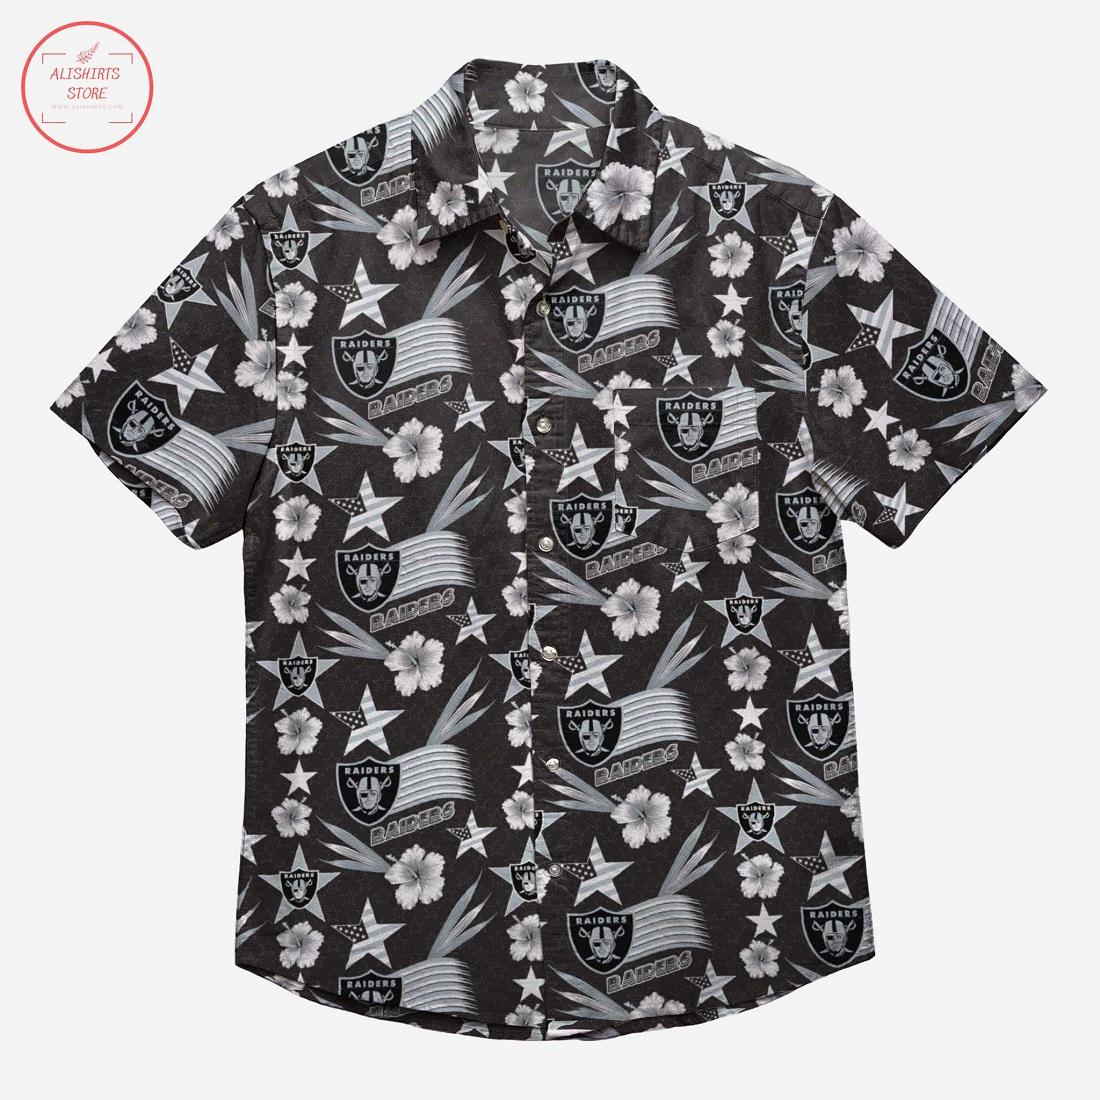 Las Vegas Raiders Americana Hawaiian Shirt